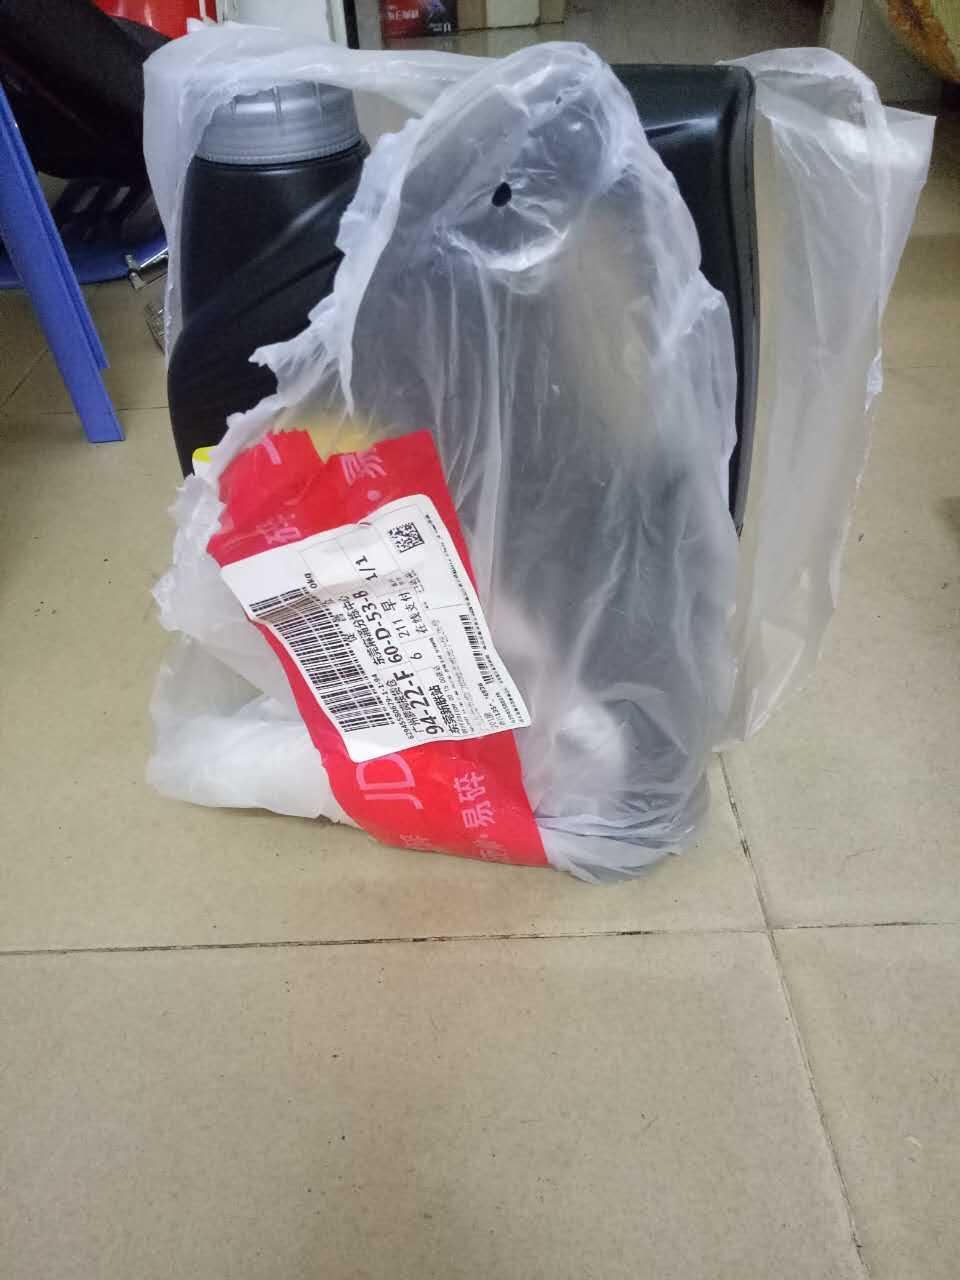 jordan 11lab4 red 00253647 store